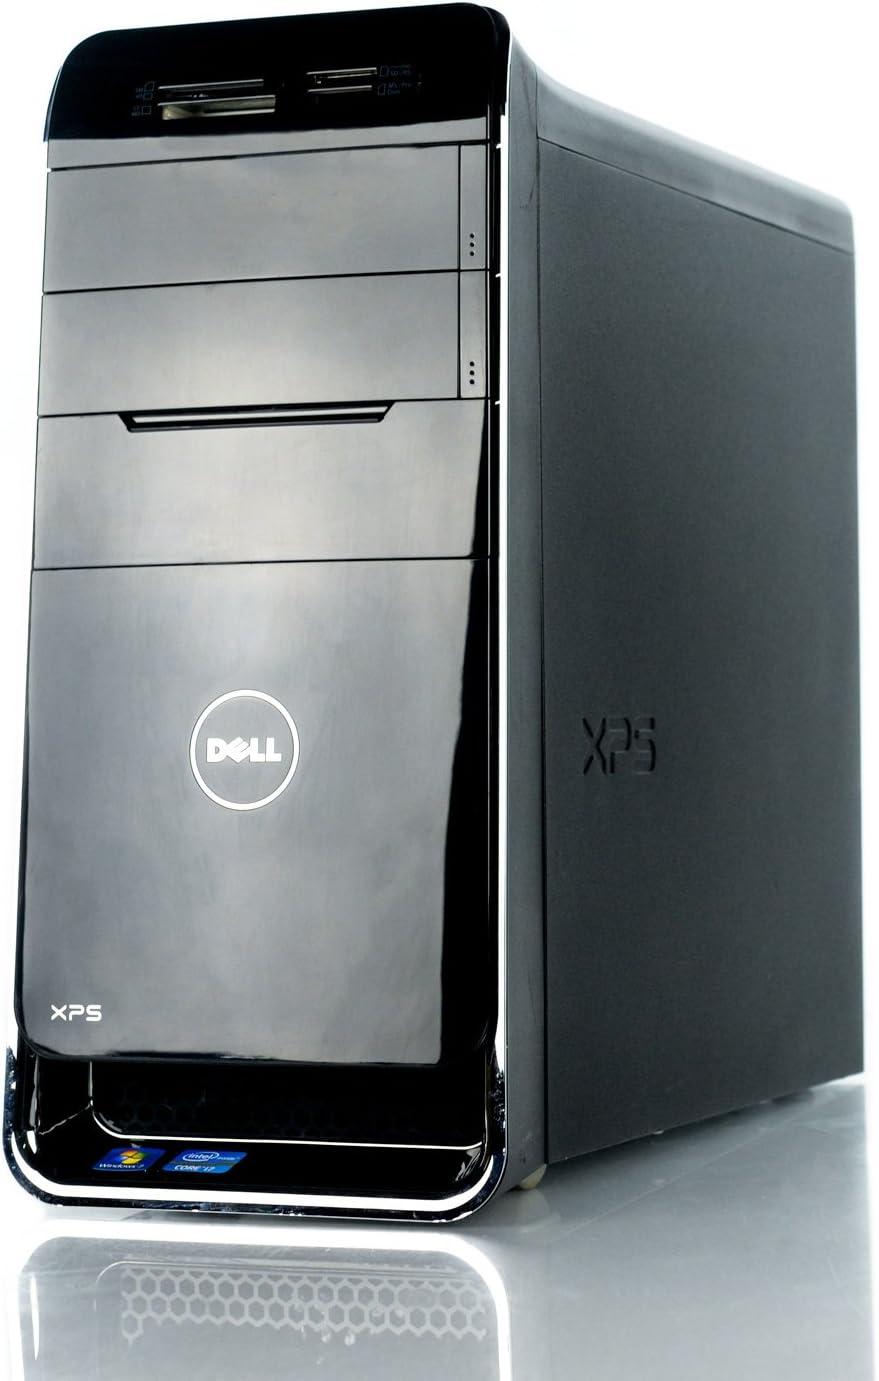 Dell XPS 8300 MT Intel Quad-Core i7-2600 3.4GHz 4GB 250GB Win 7 Hm